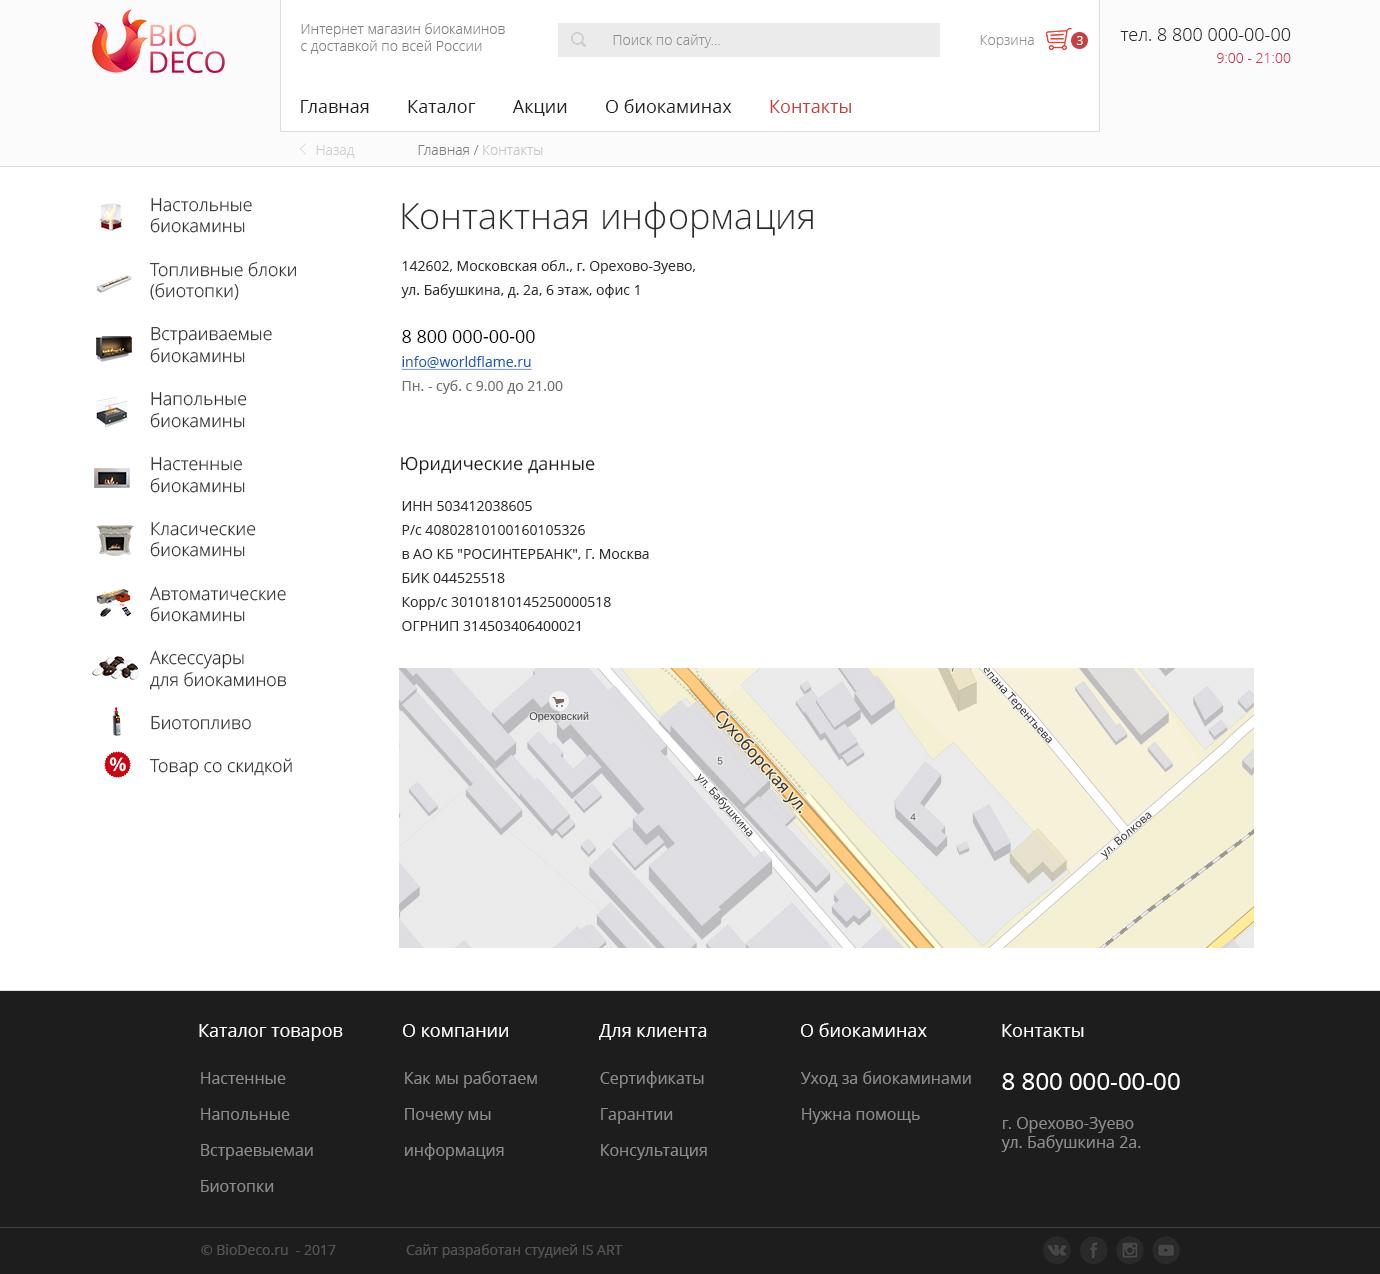 Макет сайта Интернет магазин для продажи биокаминов 3